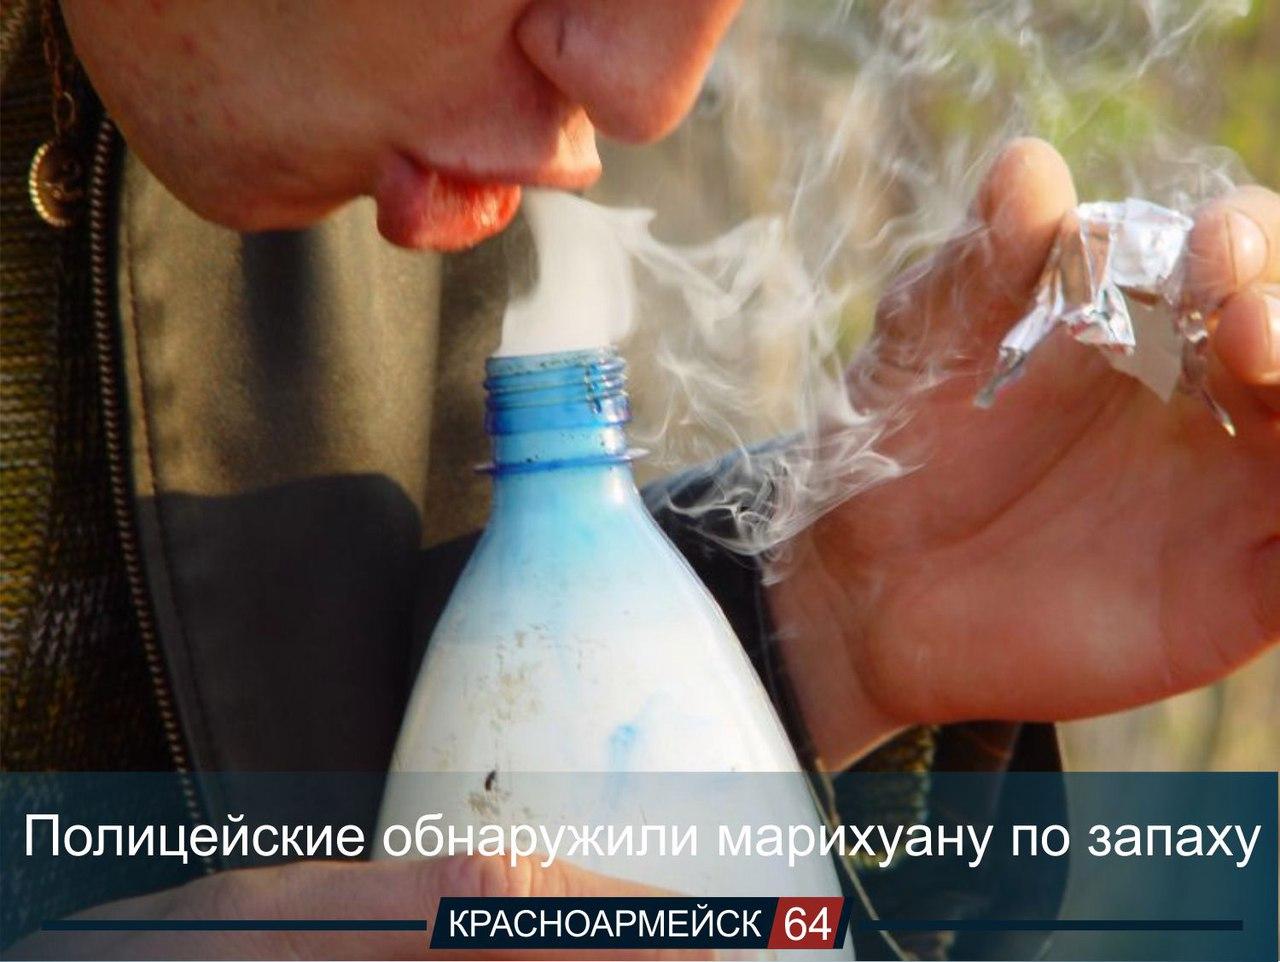 Полицейские обнаружили марихуану по запаху